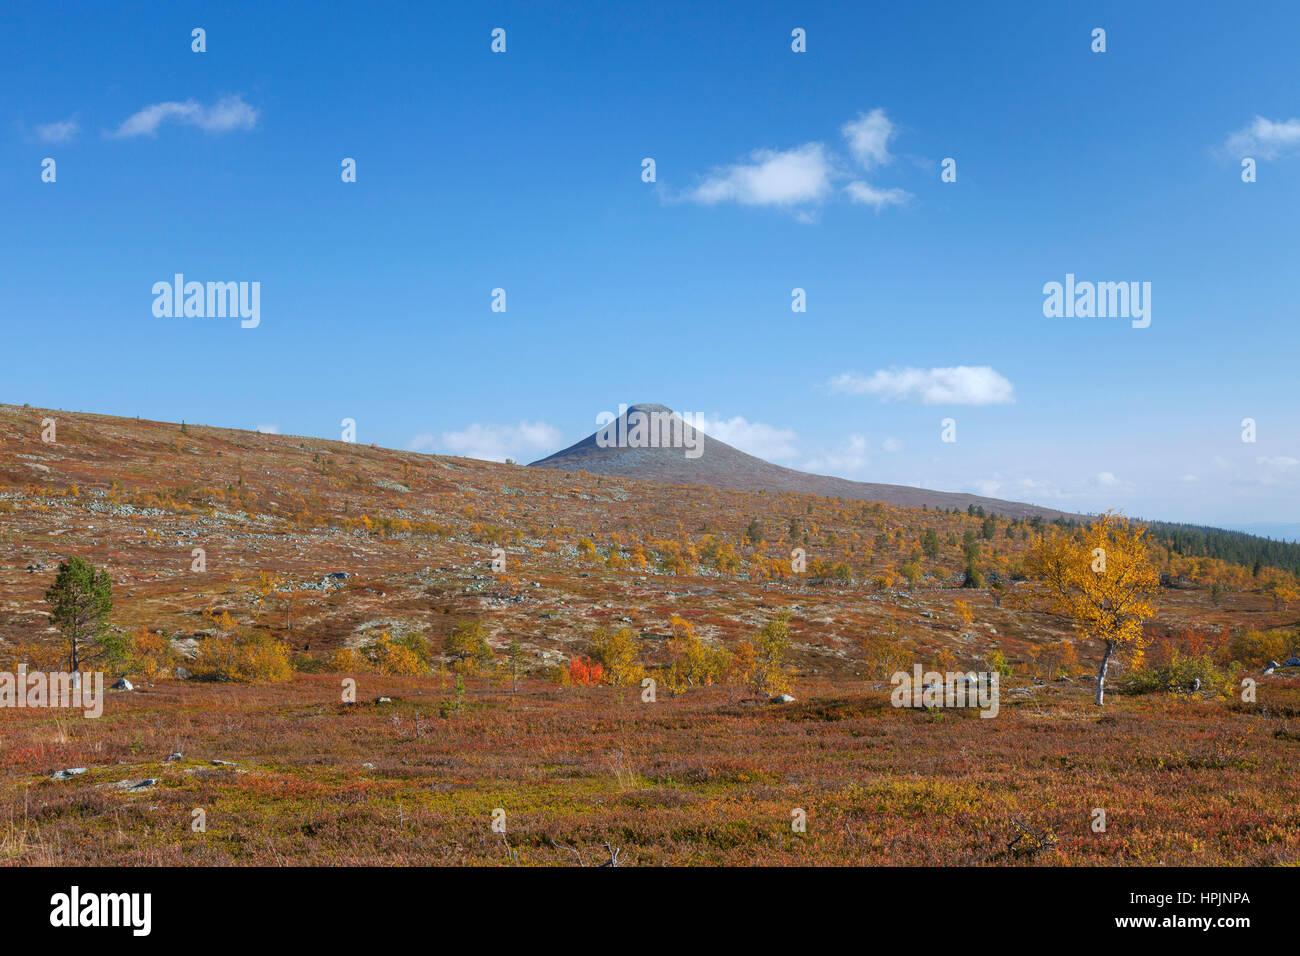 The mountain Nipfjaellet in the Städjan-Nipfjället nature reserve in autumn, Dalarna, Sweden, Scandinavia - Stock Image